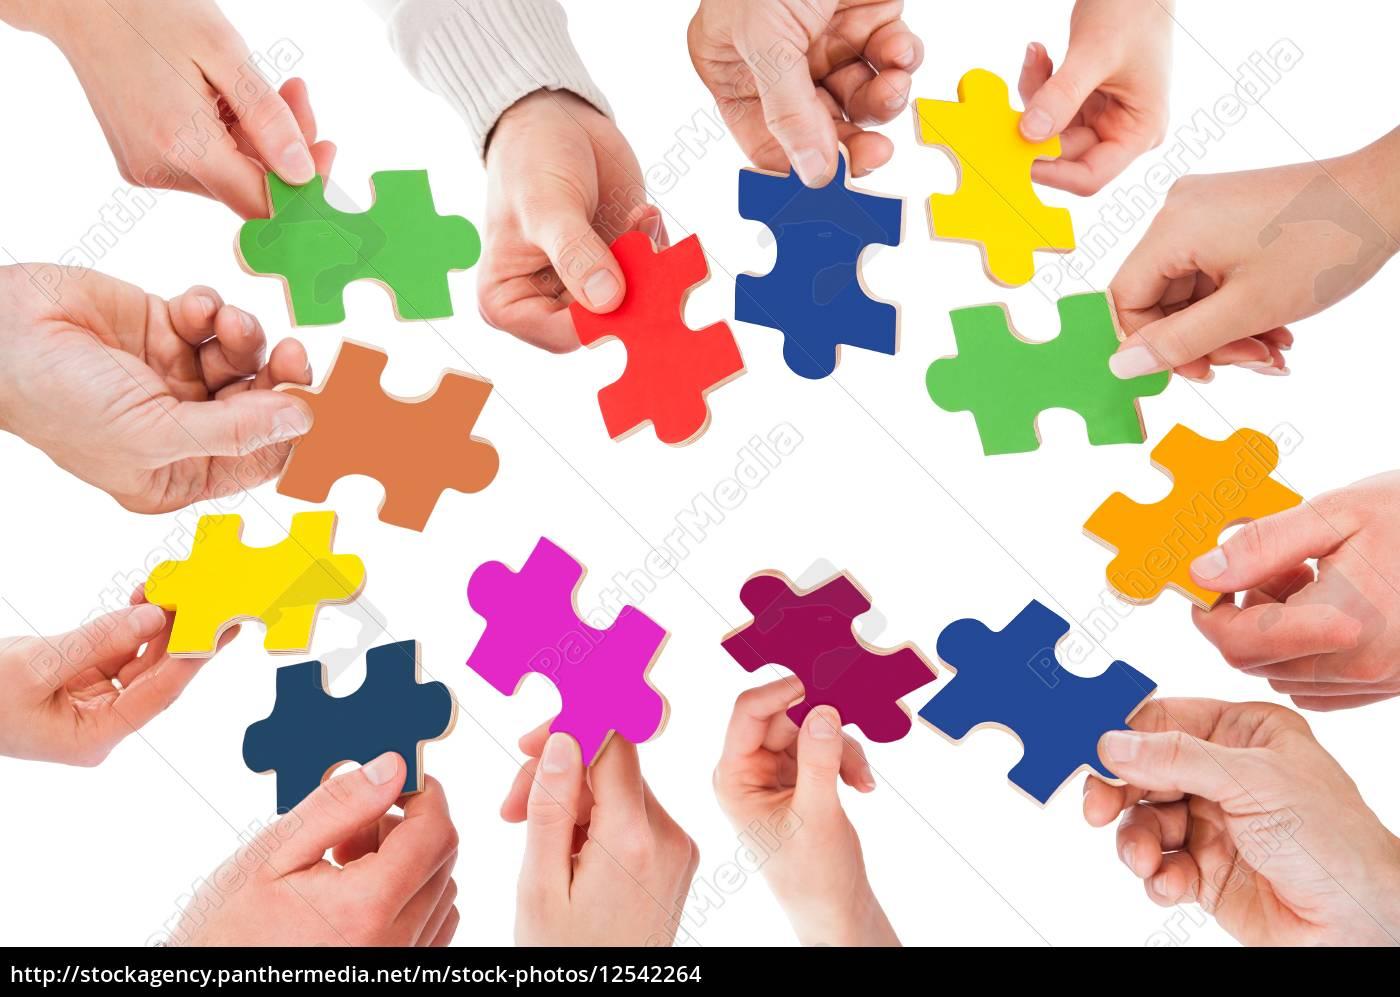 Lizenzfreies Foto 12542264   Fünf Personen Hand Mit Puzzle